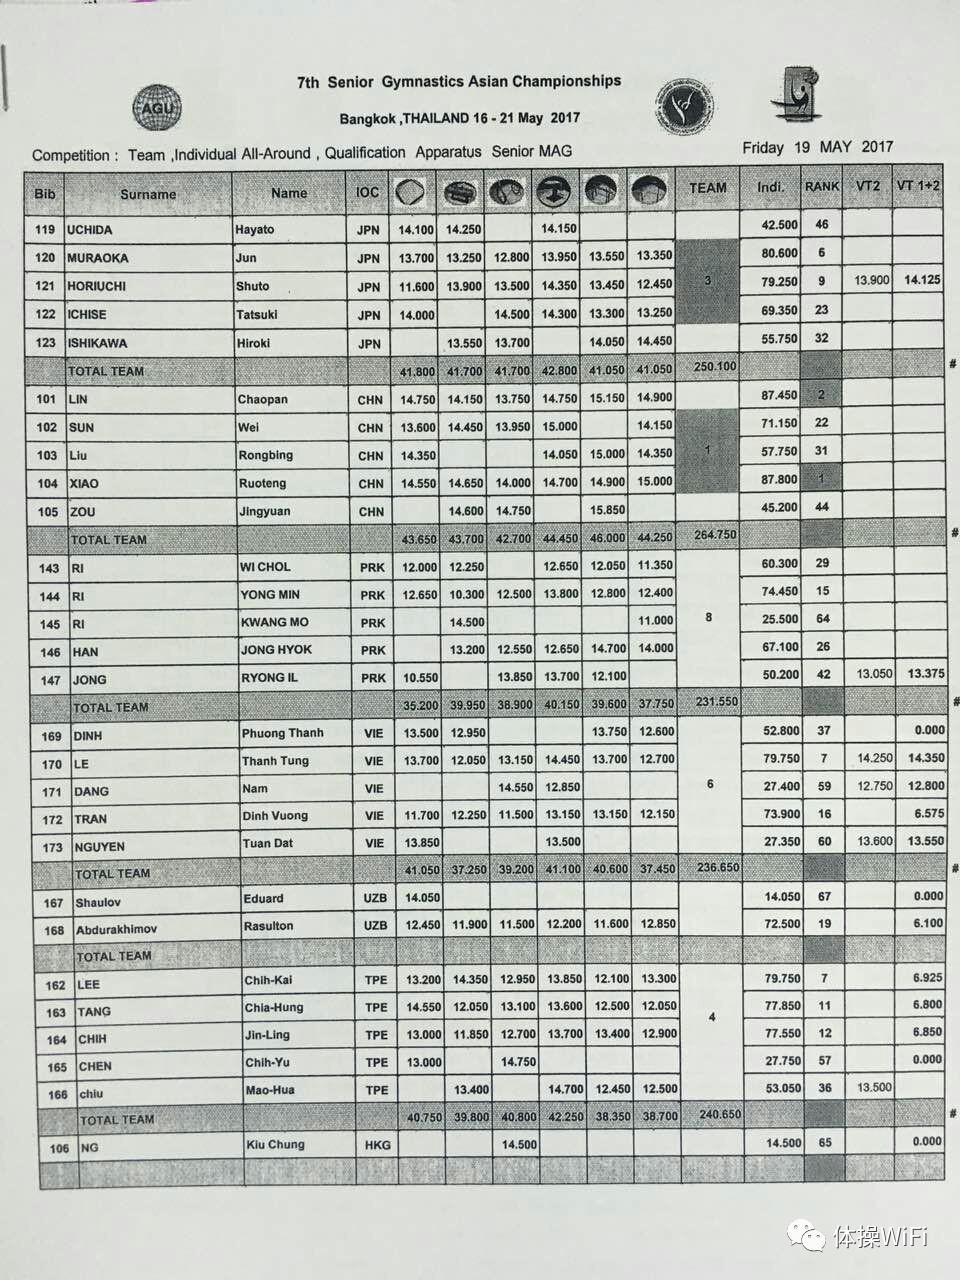 曼谷亚锦赛中国成年组男队零失误再揽团体金牌全能冠亚军